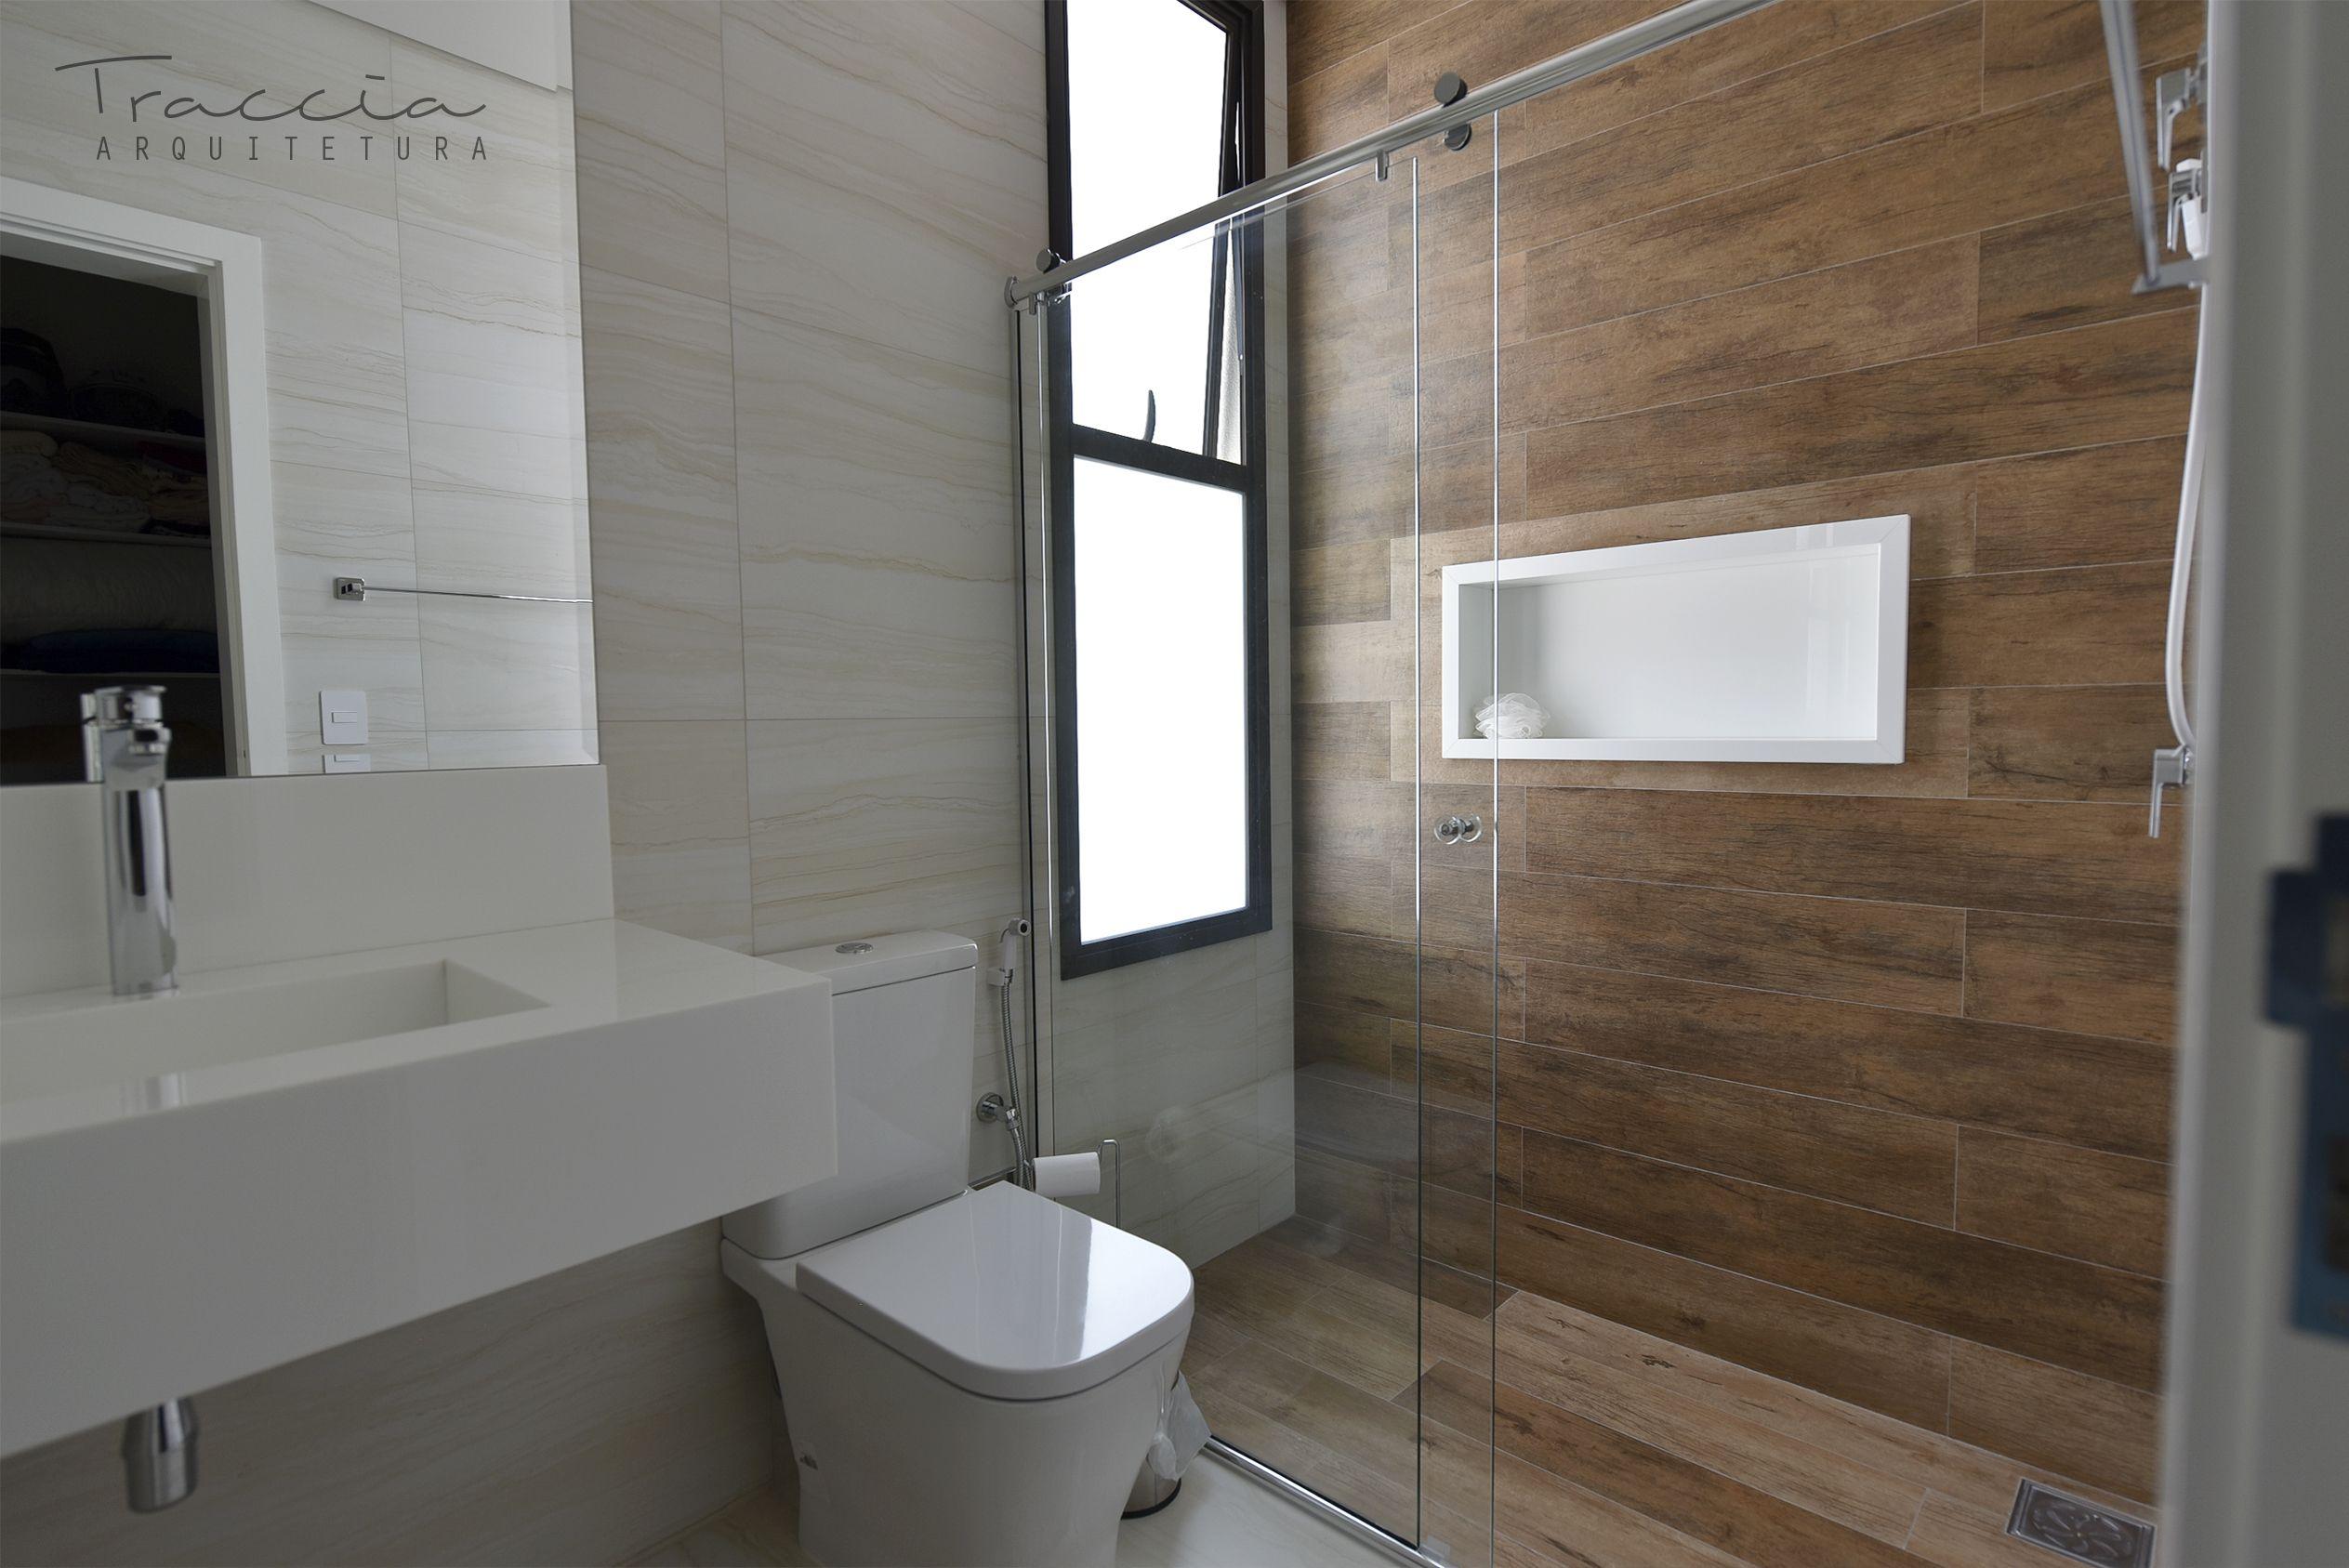 Casa Residencial Fachada Frente Casa Casa Clean Casa